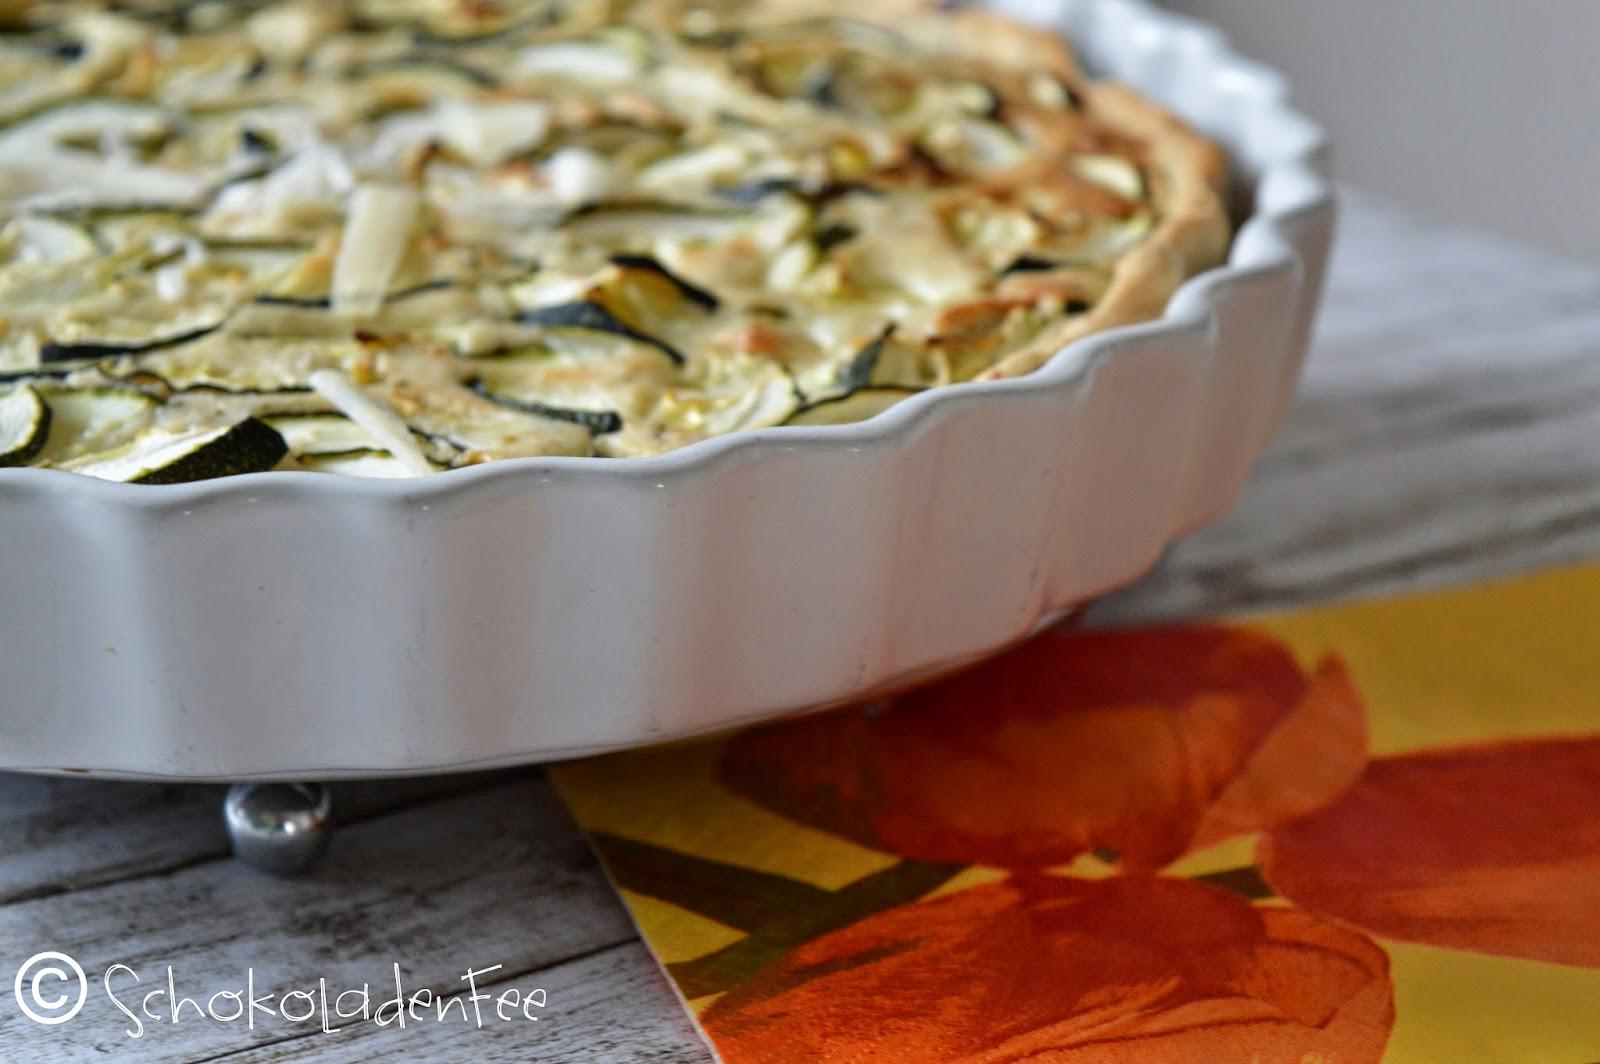 http://schokoladen-fee.blogspot.com/2015/03/zucchini-trifft-cashew-tarte.html